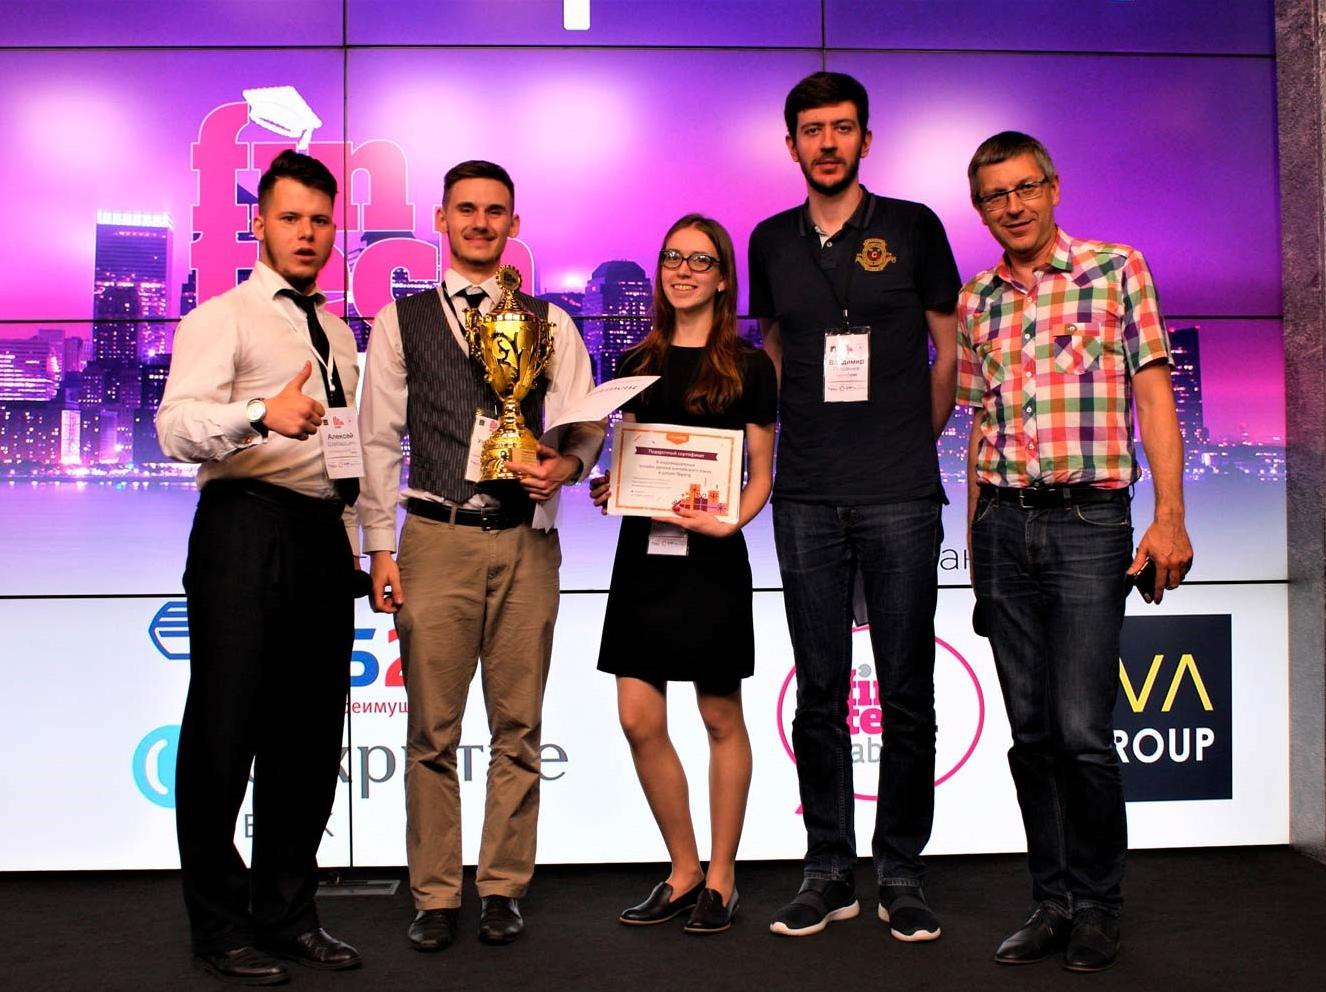 В копилке побед-российский кейс-чемпионат Fintech Cup 2017